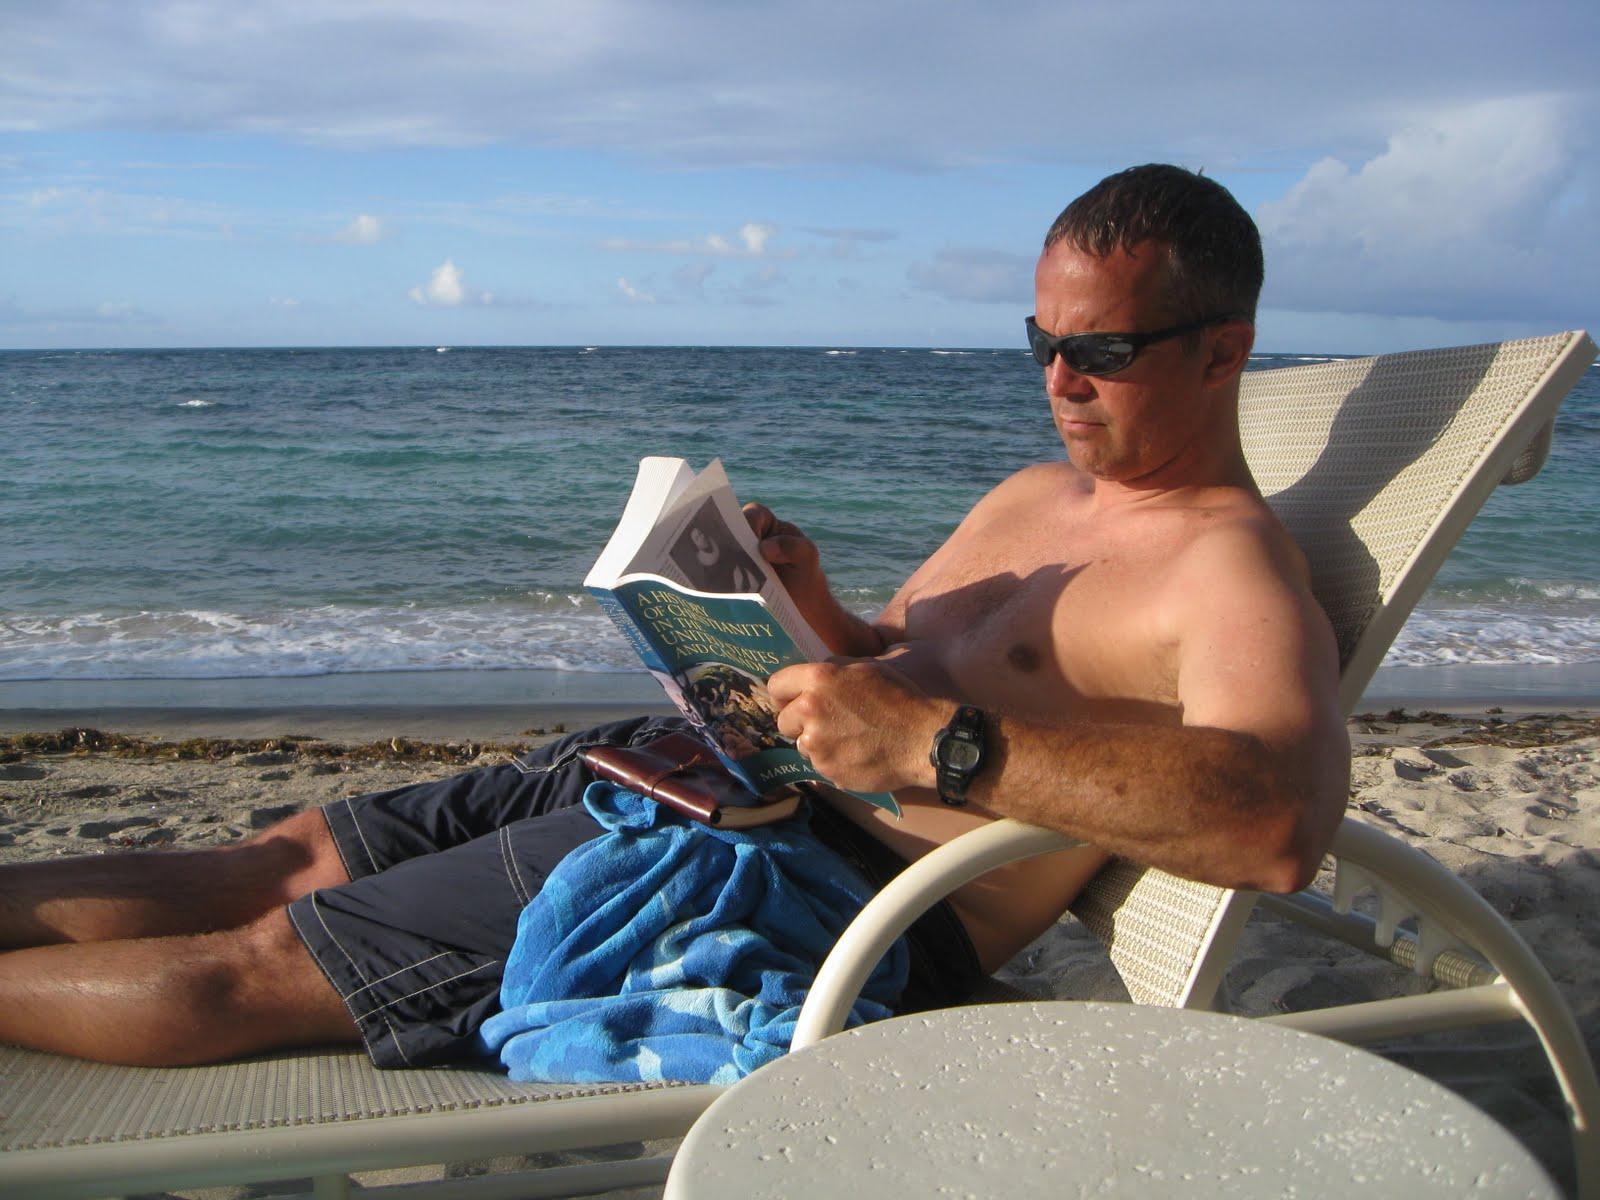 http://4.bp.blogspot.com/_Izw5nEMoLe4/S-oS3uPxsWI/AAAAAAAAAOQ/LbB99FYjXqk/s1600/BeachReadChad.JPG